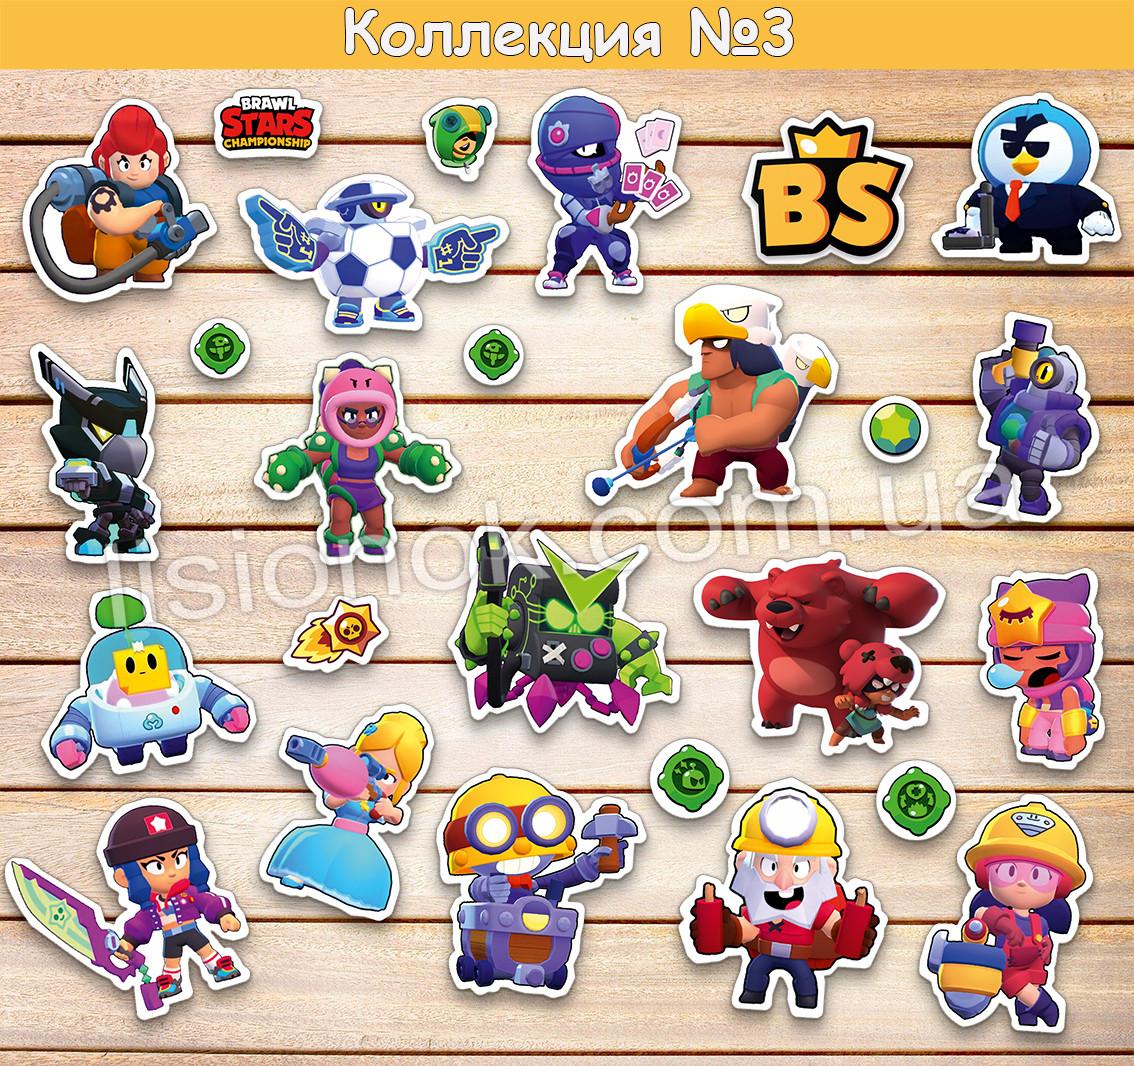 Набір наліпок Cтарс Колекція №3 з героями улюбленої гри, стікери Stars